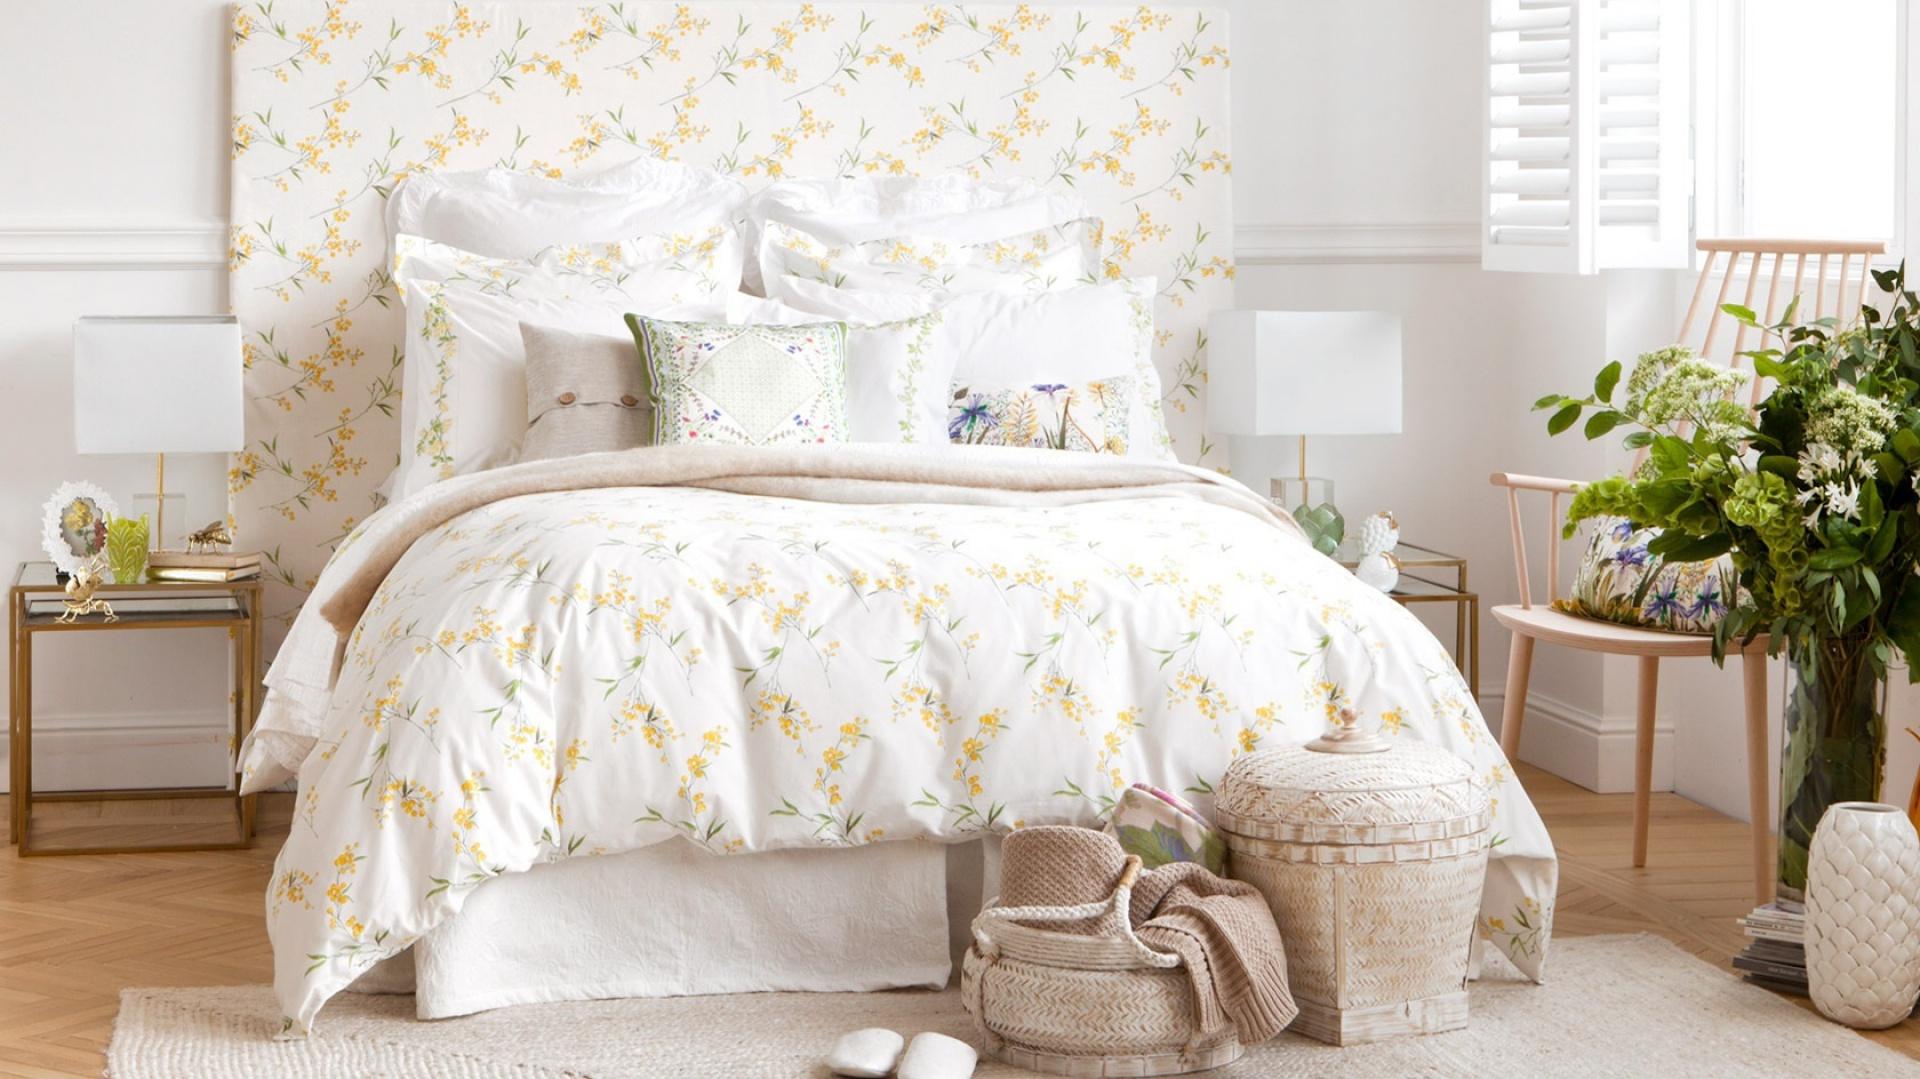 Klasyczne lampki ustawione  na stolikach nocnych po obu stronach łóżkach zapewniają właściwe oświetlenie. Geometryczne formy lamp dobrze komponują się z wystrojem sypialni. Fot. Zara Home.